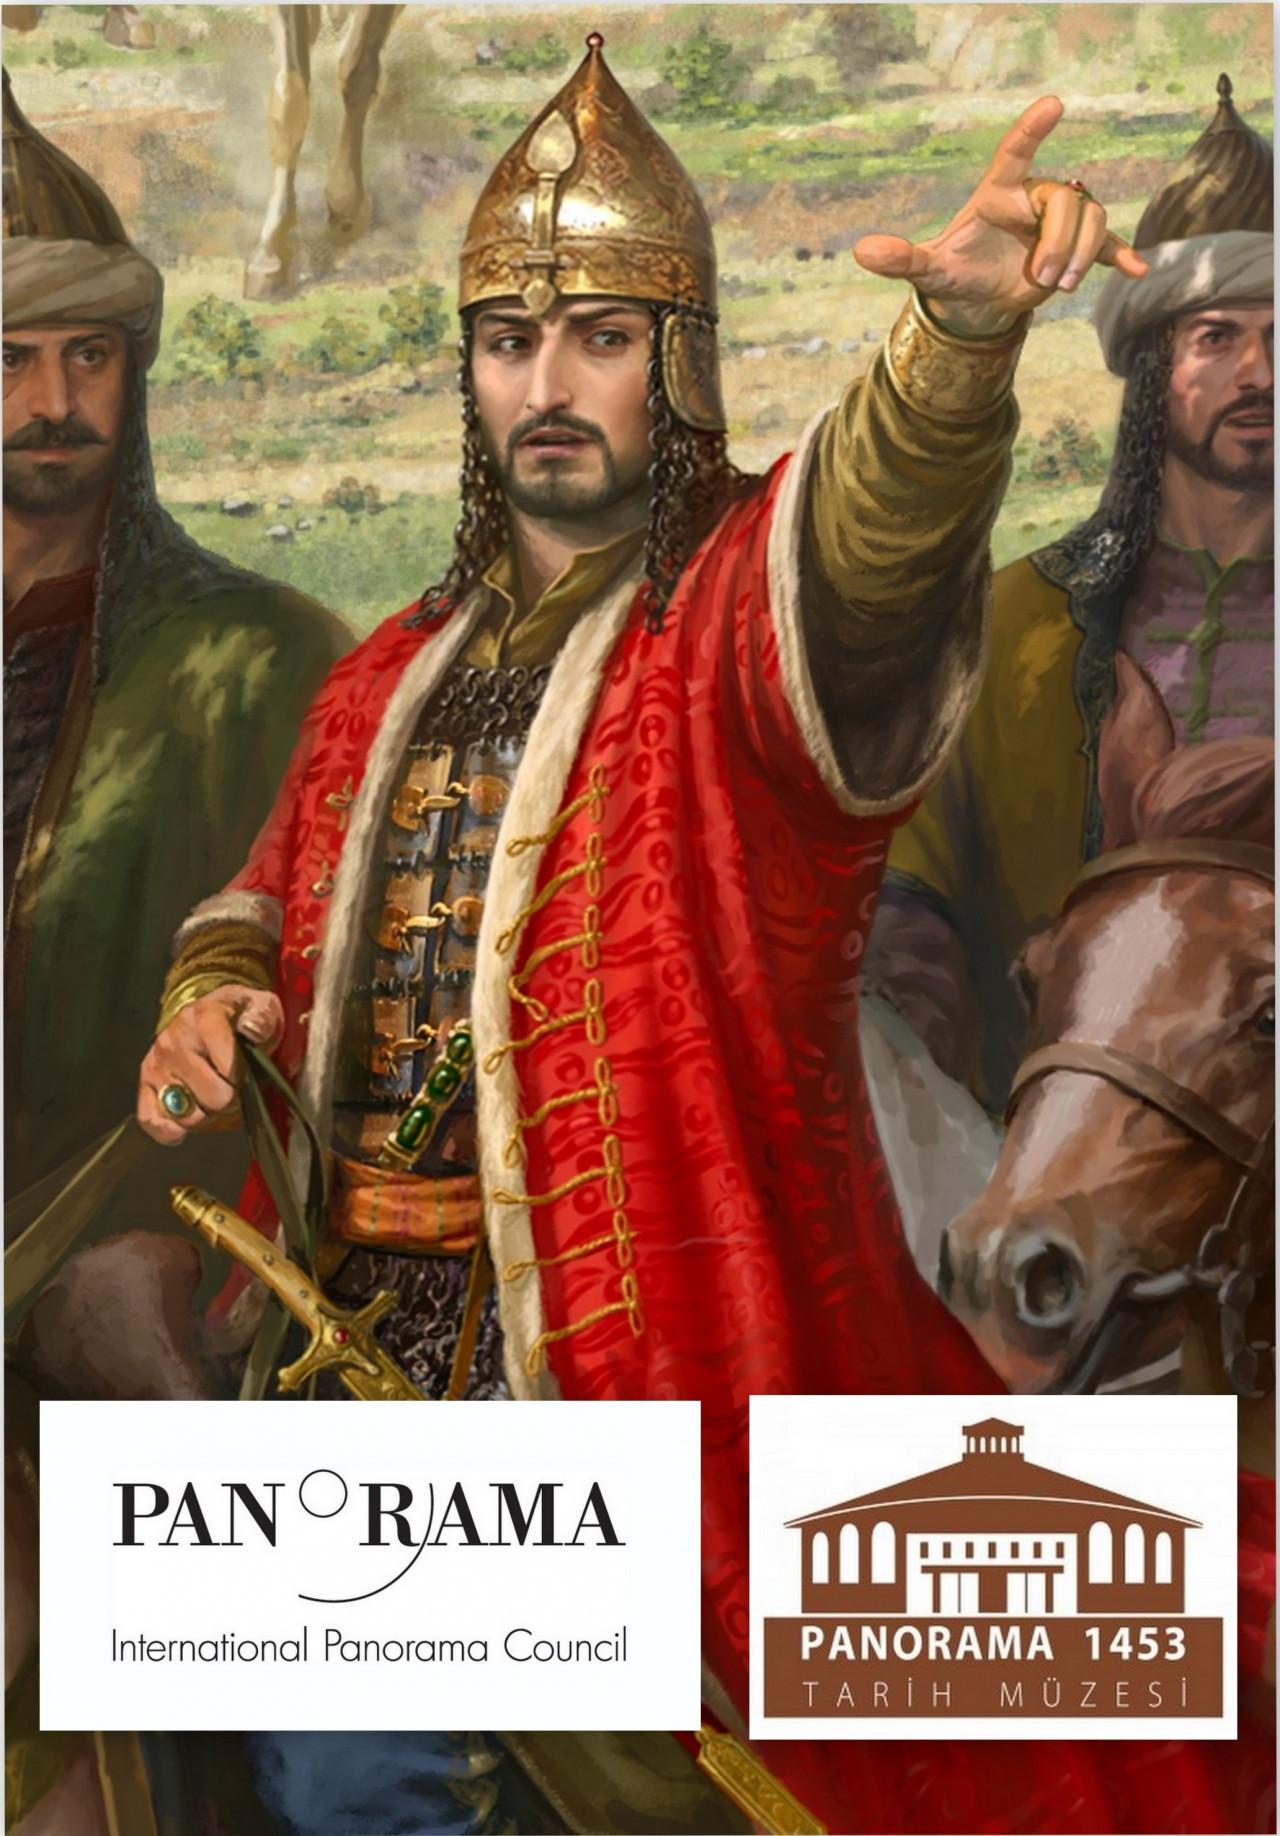 27. Uluslararası Panorama Konferansı İstanbul'da Gerçekleşecek Galeri - 3. Resim